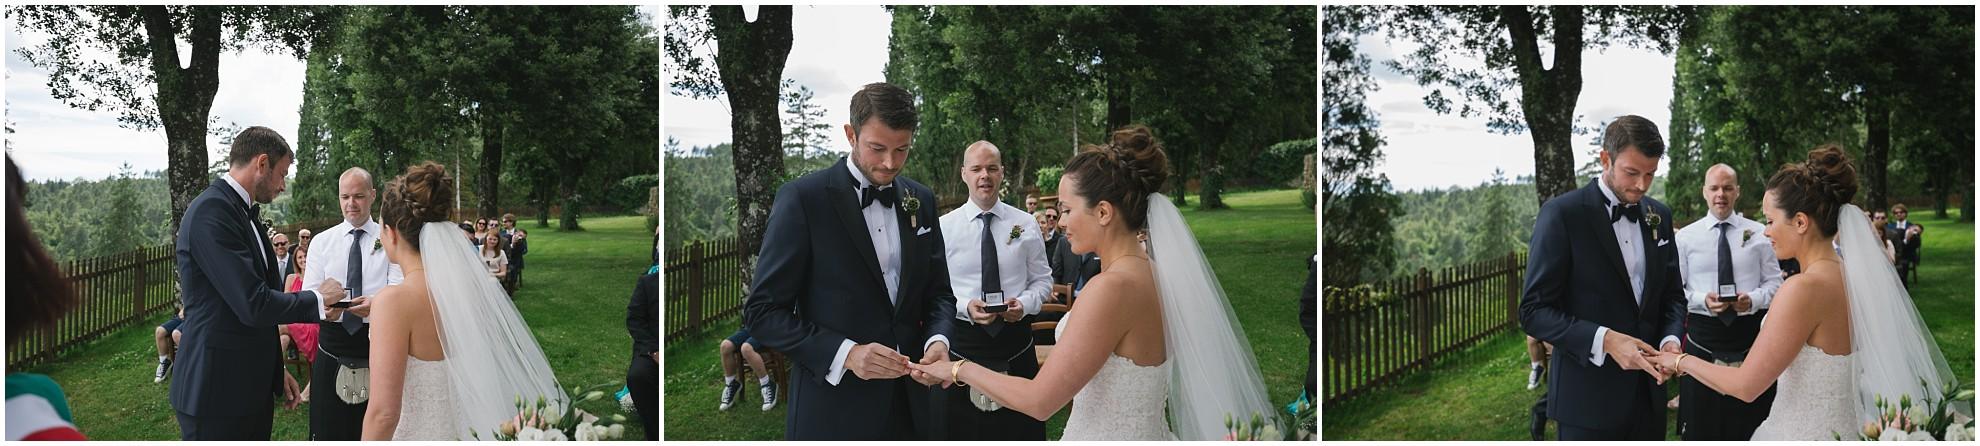 tuscany-wedding-photographer-036